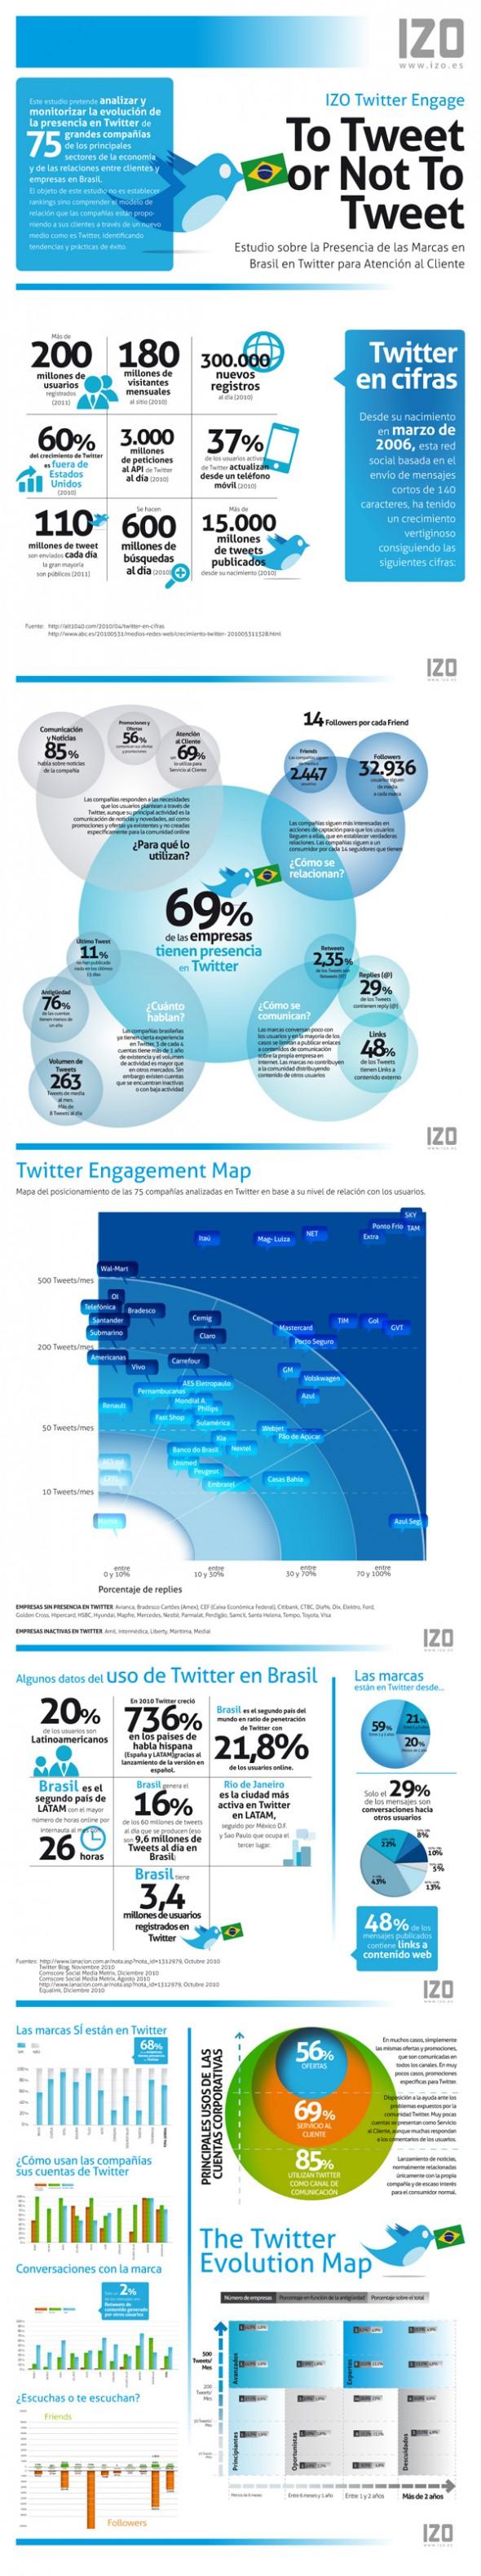 IZO Twitter Engage Brasil